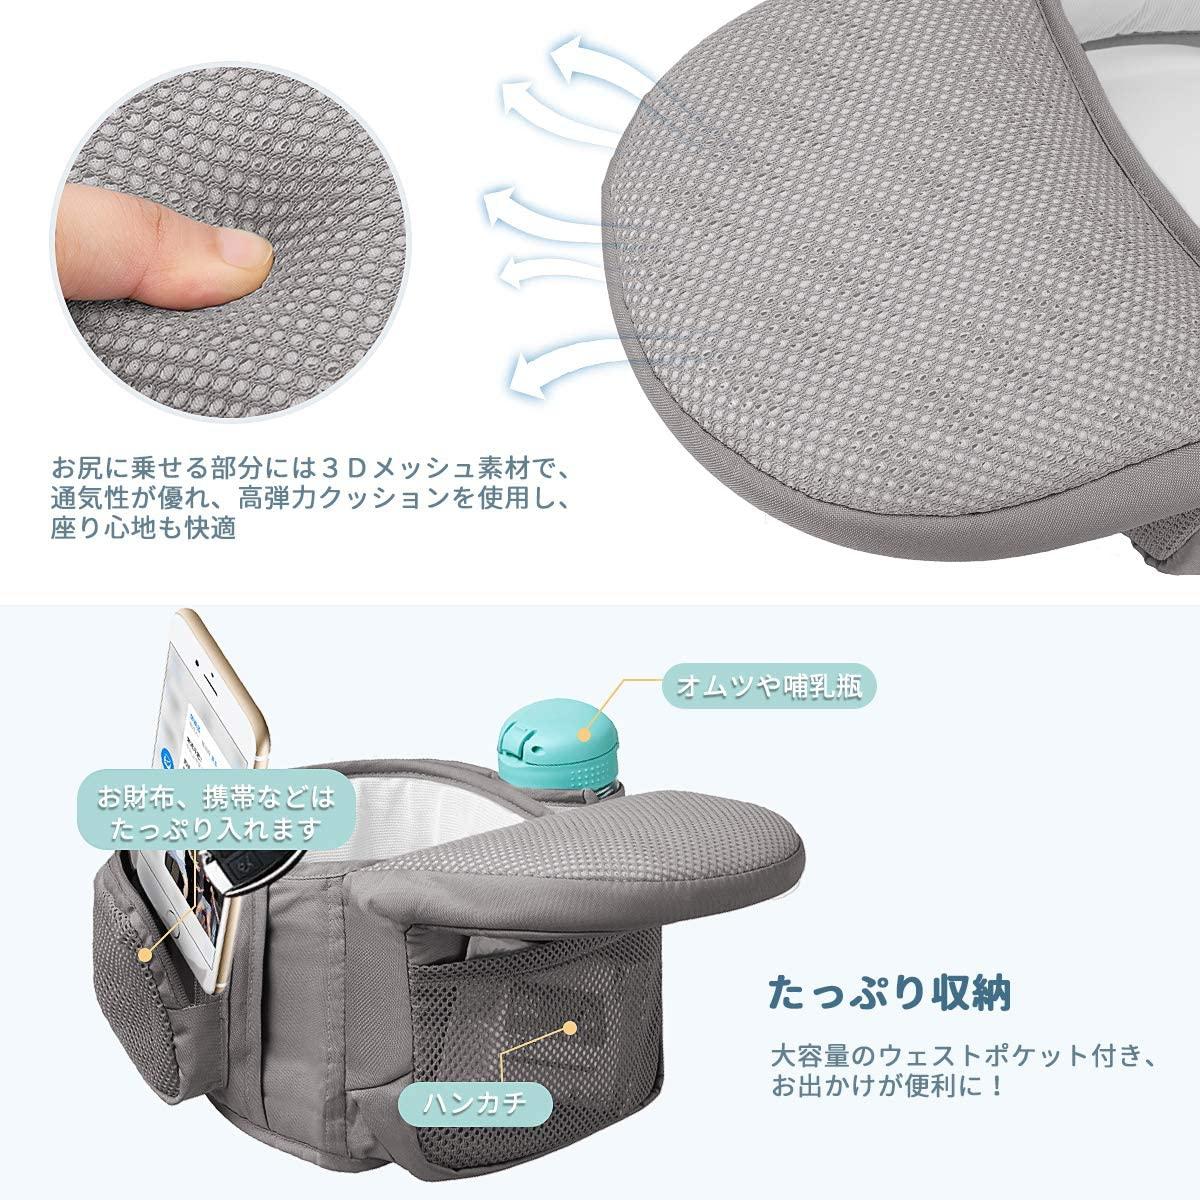 REENUO(レーヌオ) ヒップシートの商品画像5